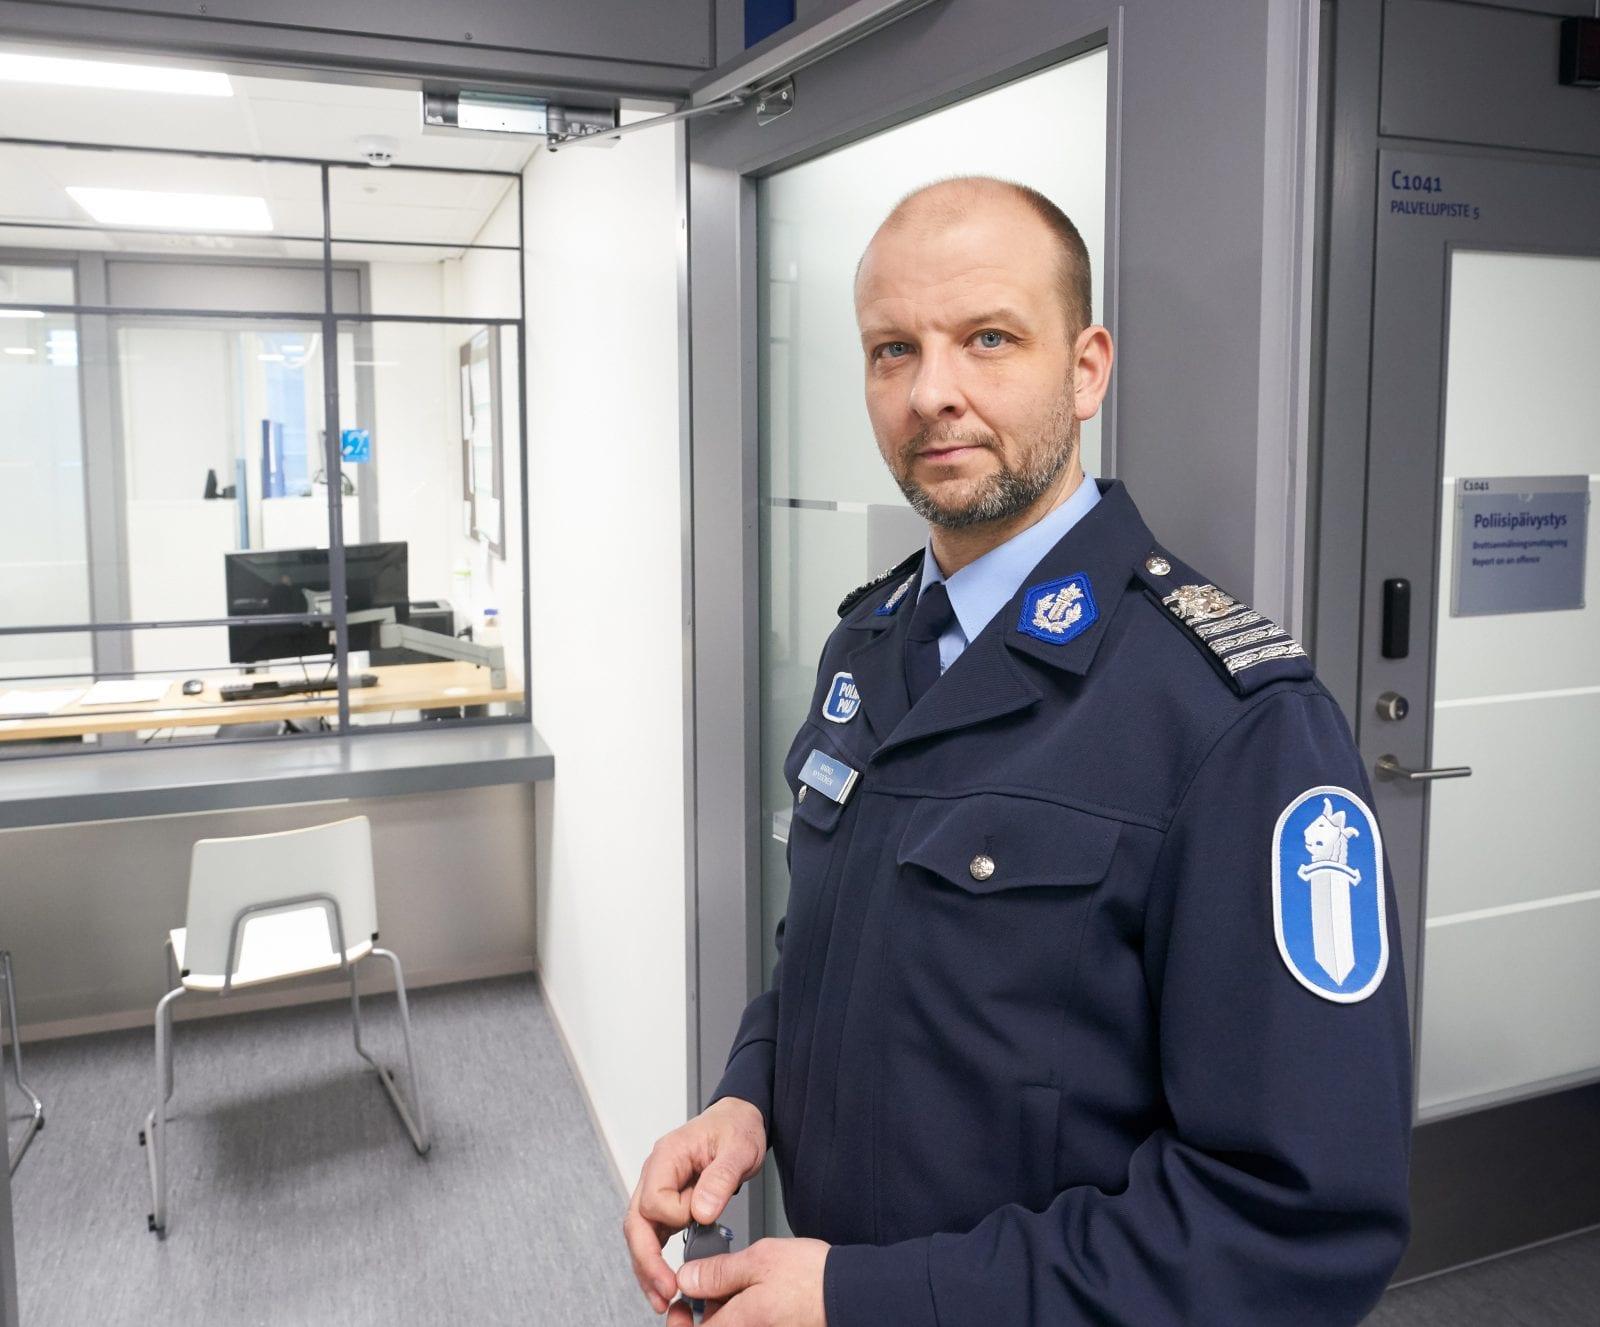 Eracontent/Senaatti 20181219 Lappeenranta. Kaakkois-Suomen poliisilaitos, Lappeenrannan poliisiasema.